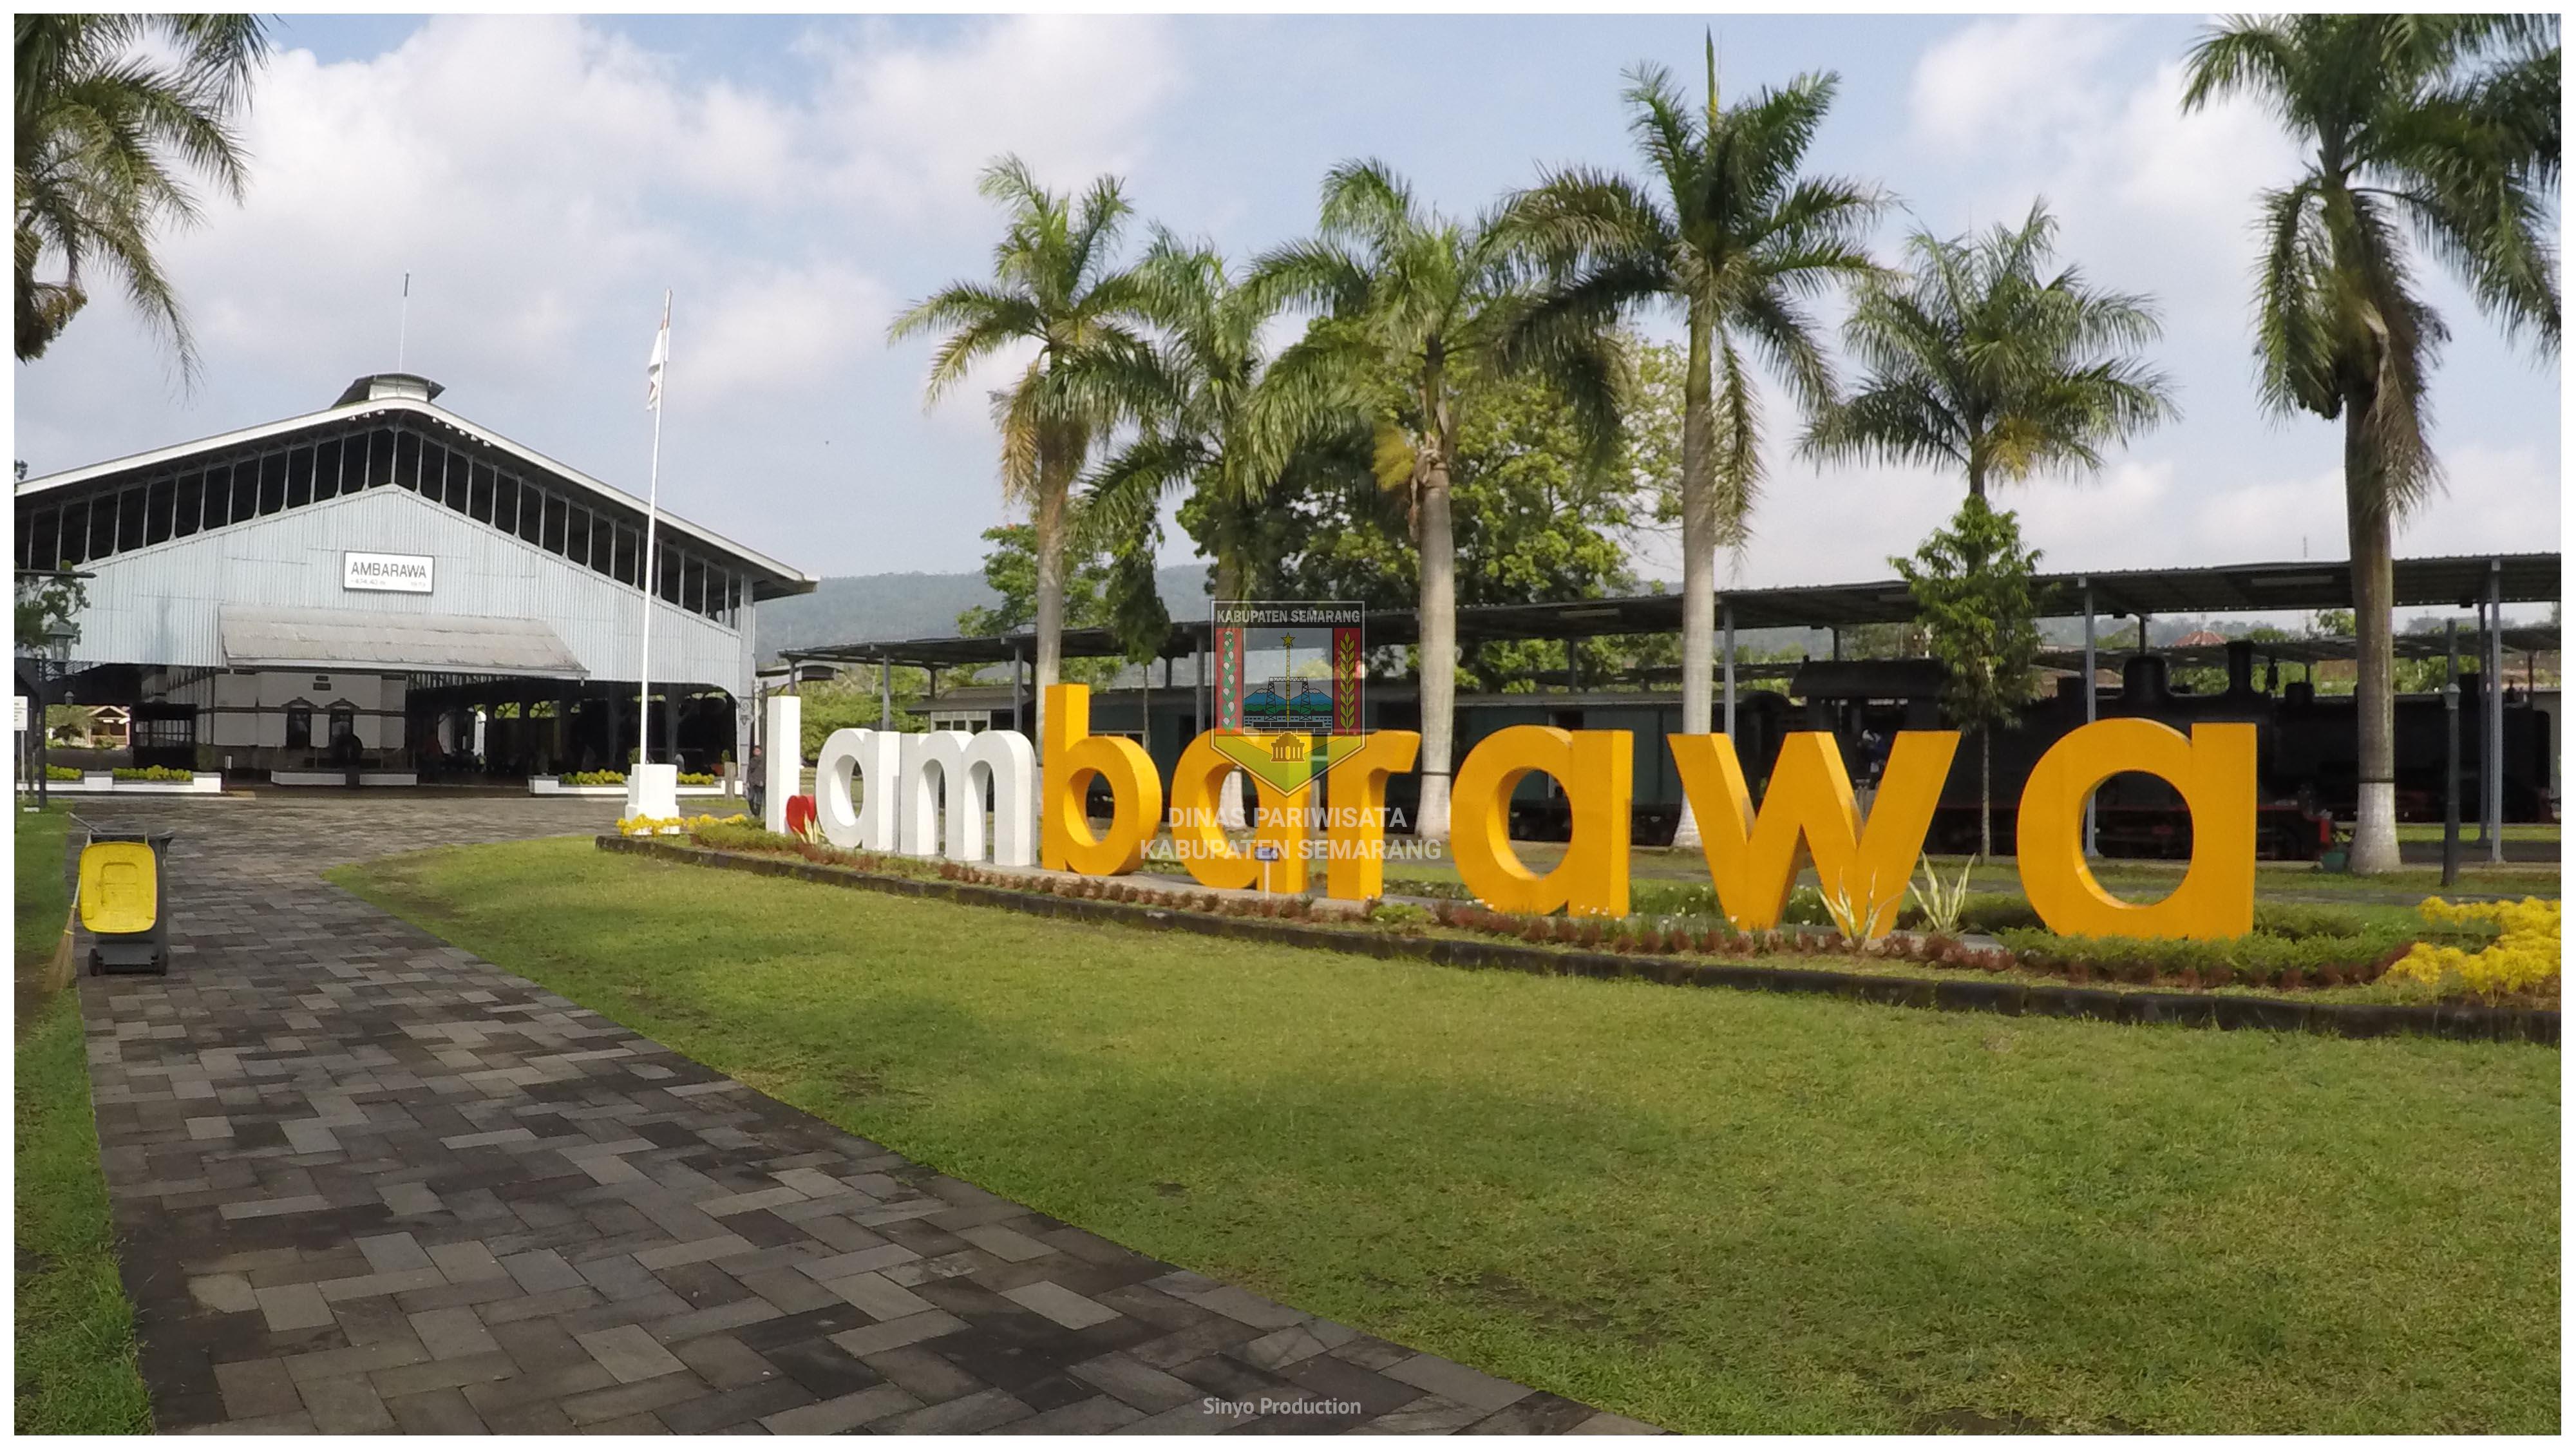 Museum Kereta Api Ambarawa Kab Semarang Tourism Information Center